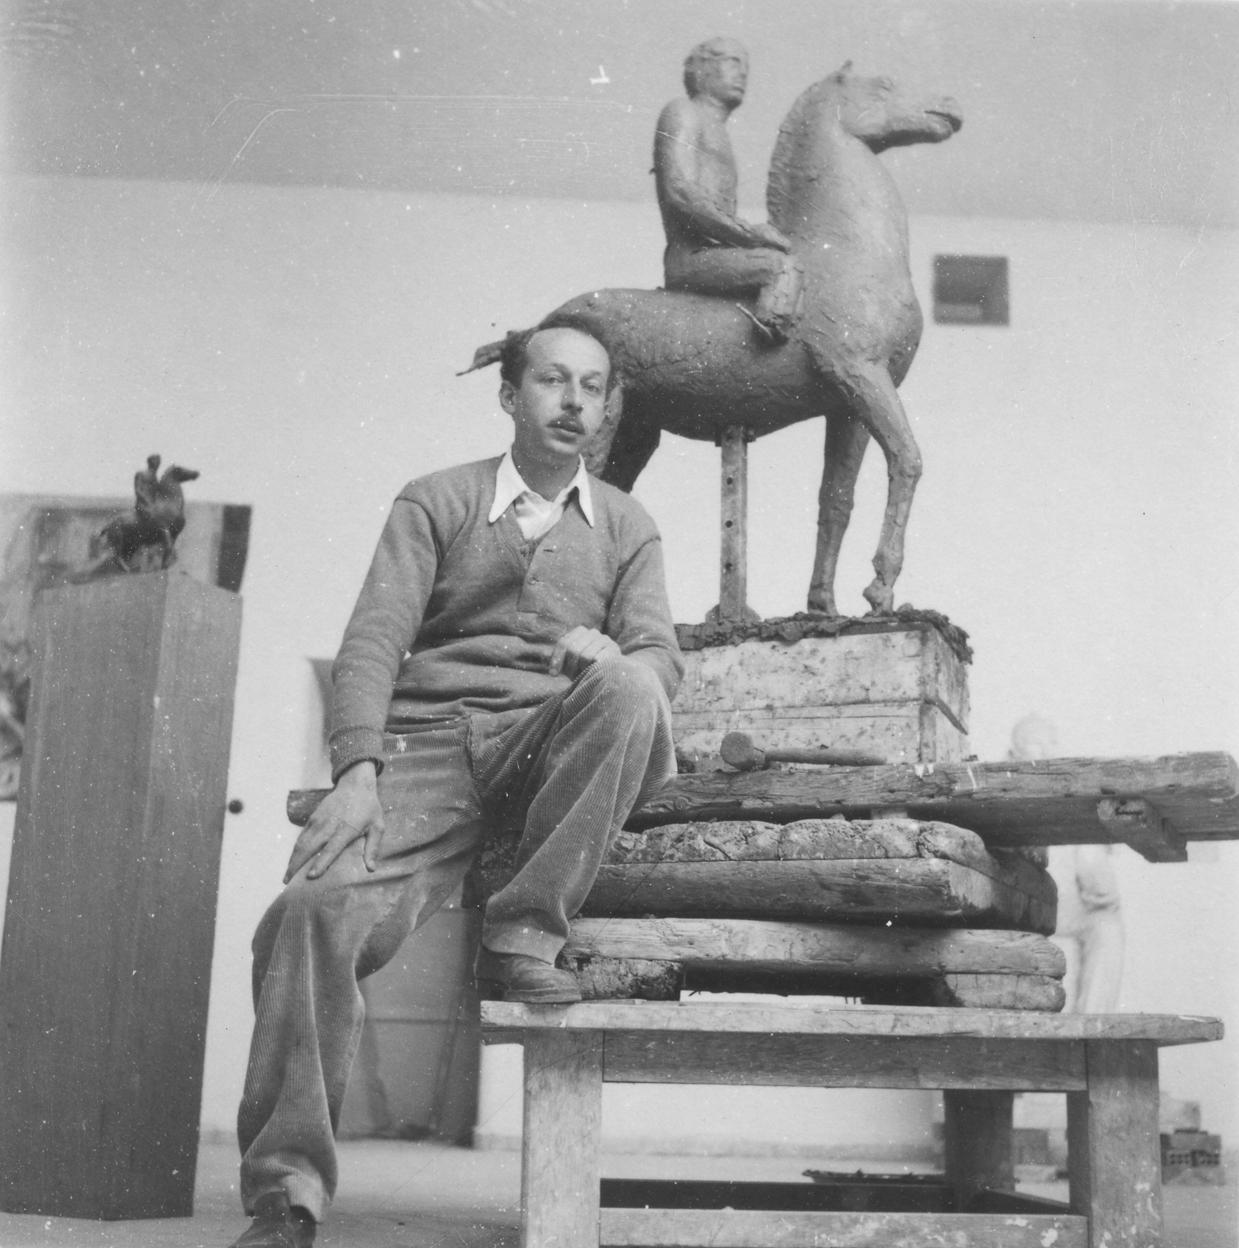 Φωτογραφία του καλλιτέχνη στο εργαστήριό του στου Ζωγράφου δίπλα σε μελέτη για έφιππο γλυπτό, για τον Μέγα Αλέξανδρο